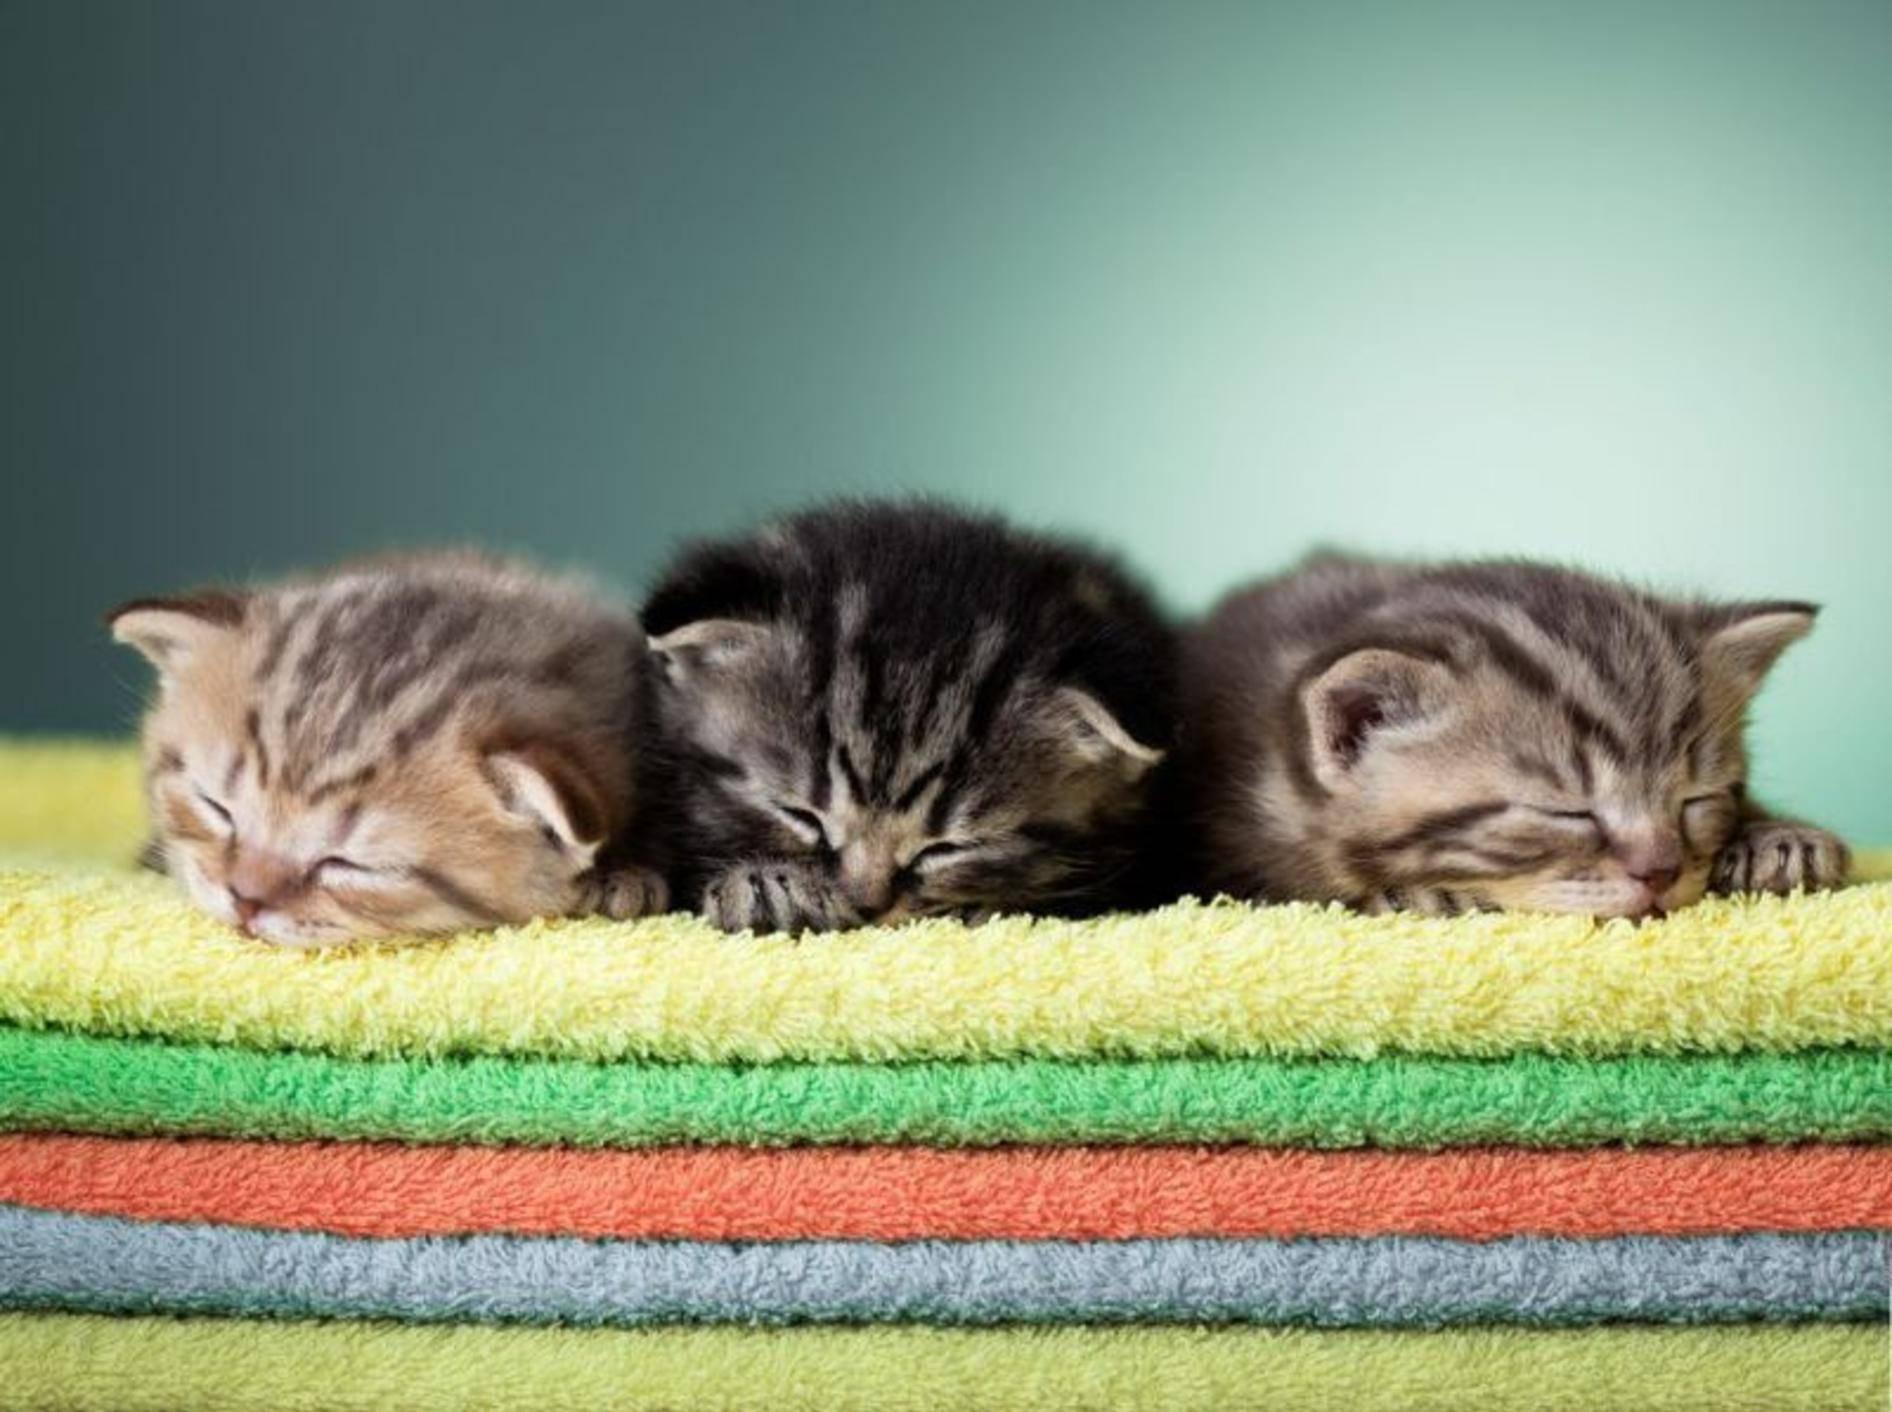 Katzenbabys mögen´s flauschig: Ihr Schlafplatz ist der Handtuchberg